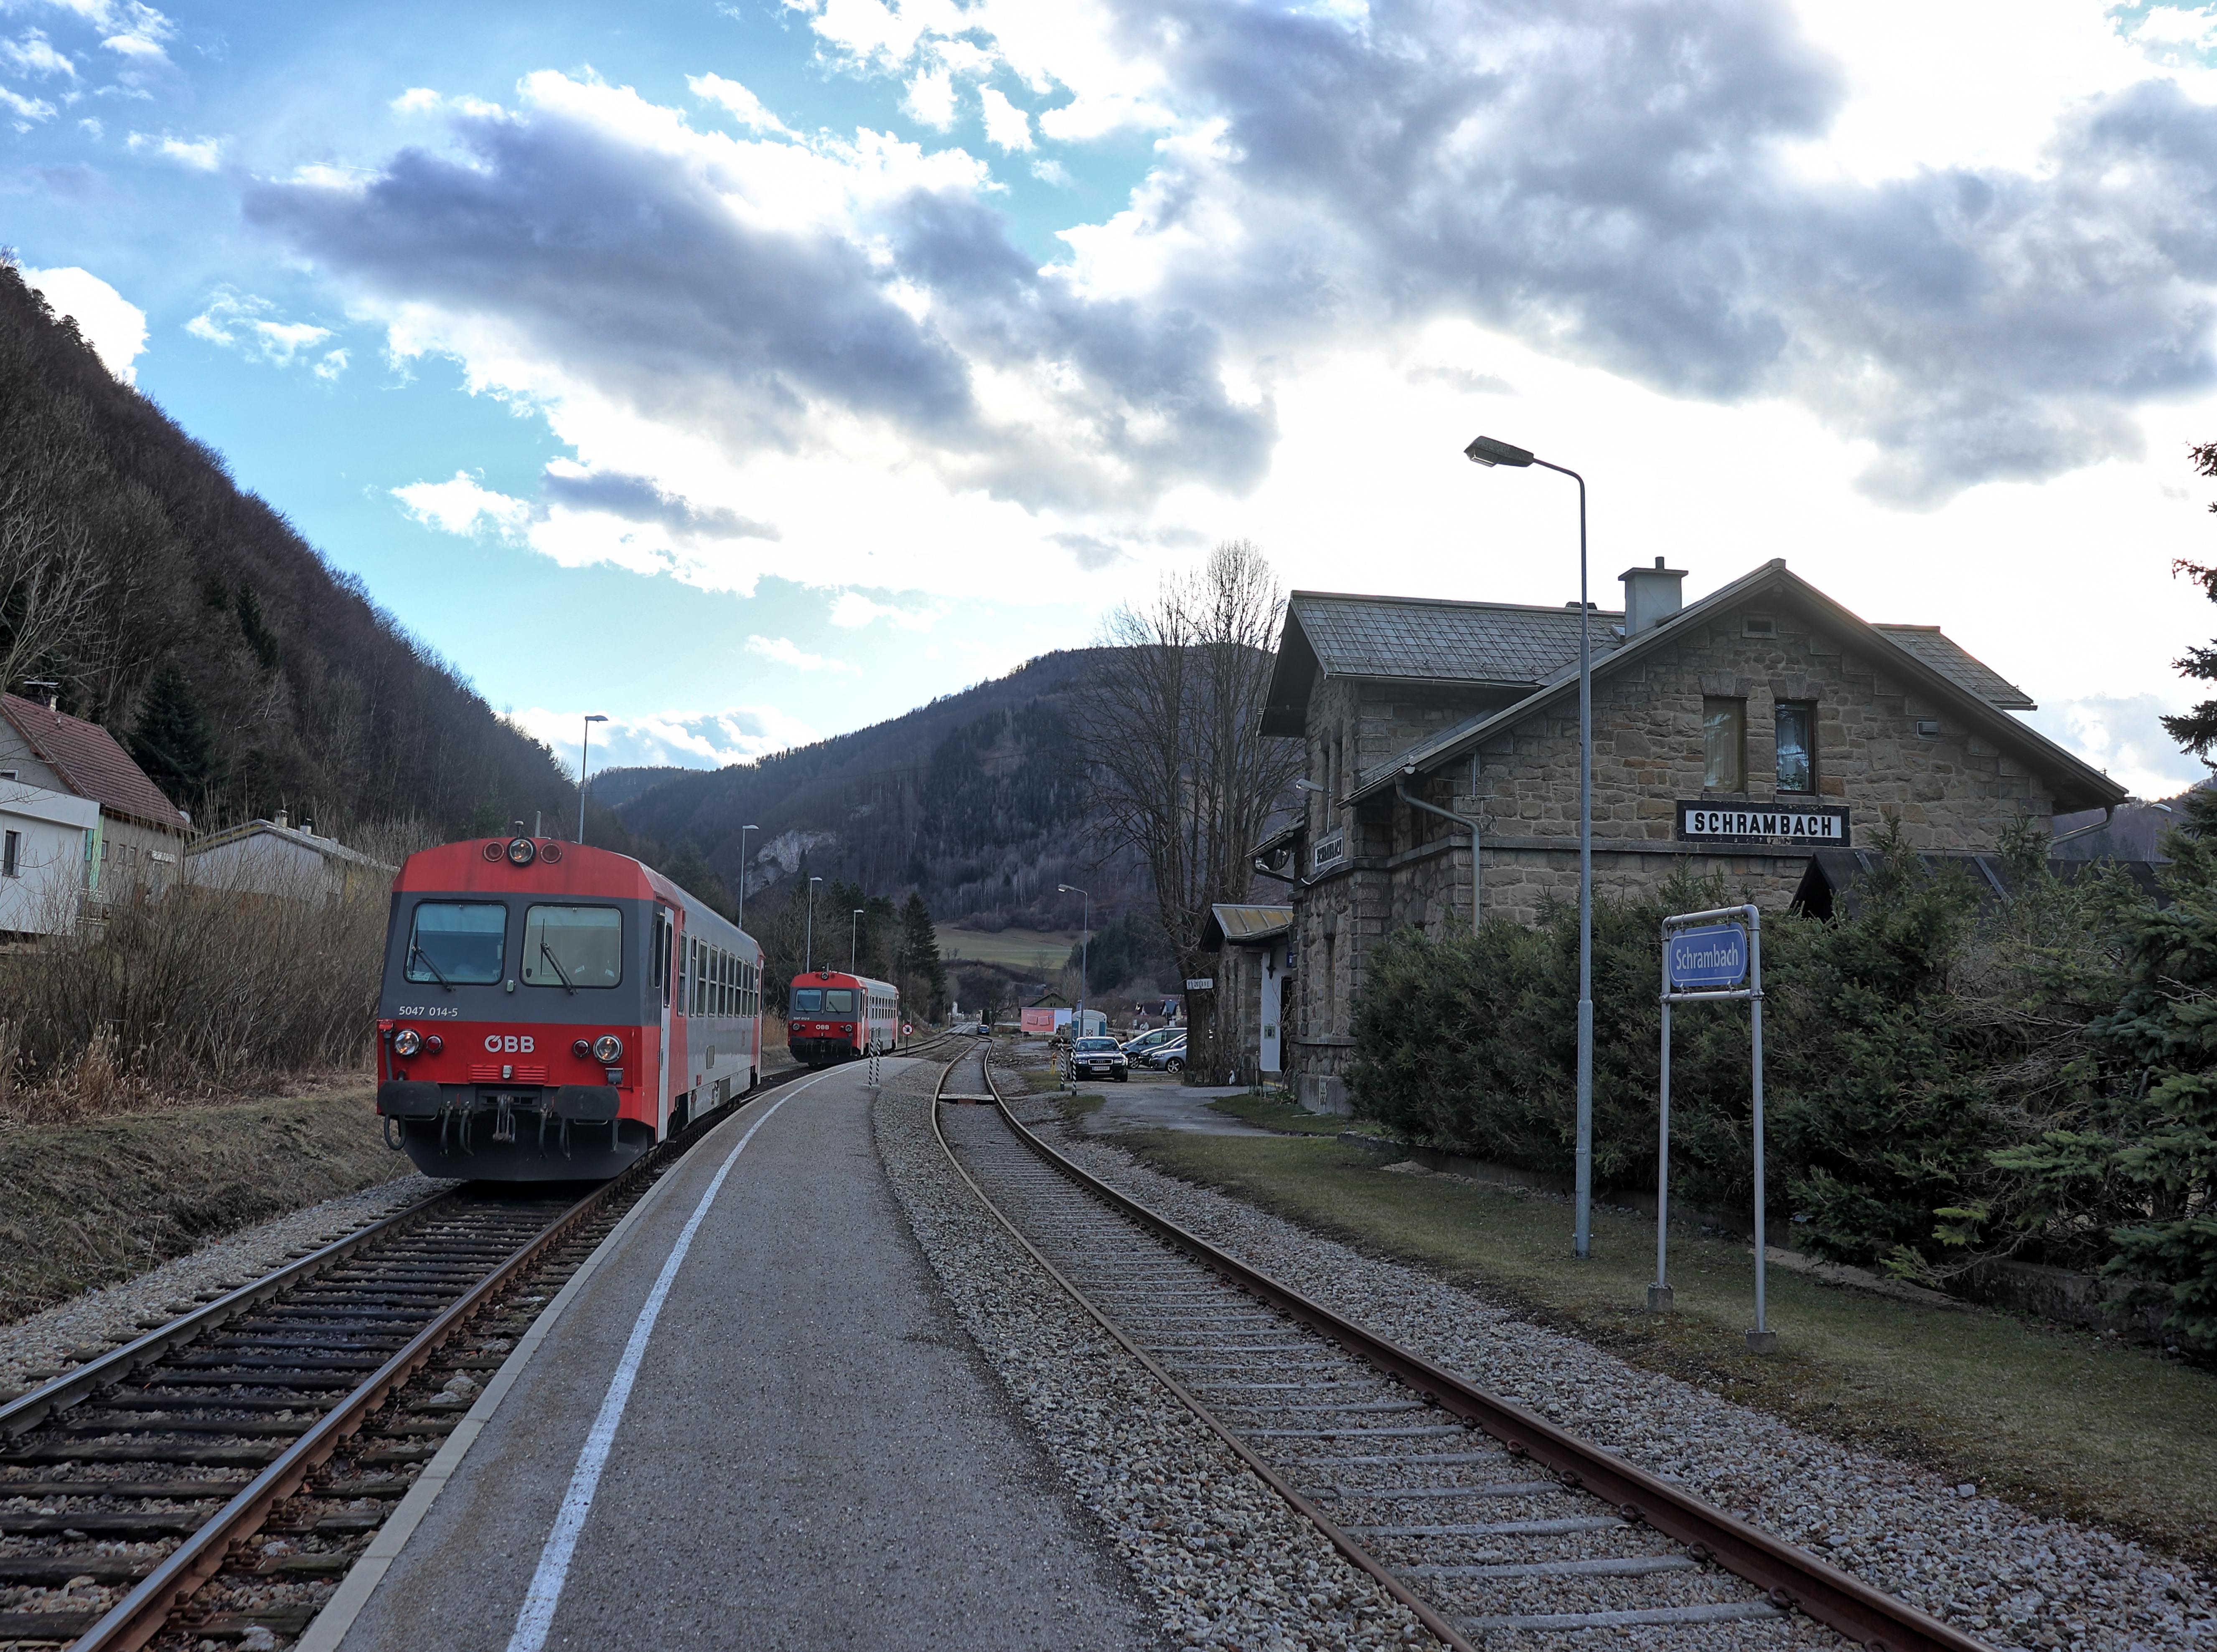 ÖBB 5047 im Endbahnhof der Traisentalbahn im Bahnhof Schrambach